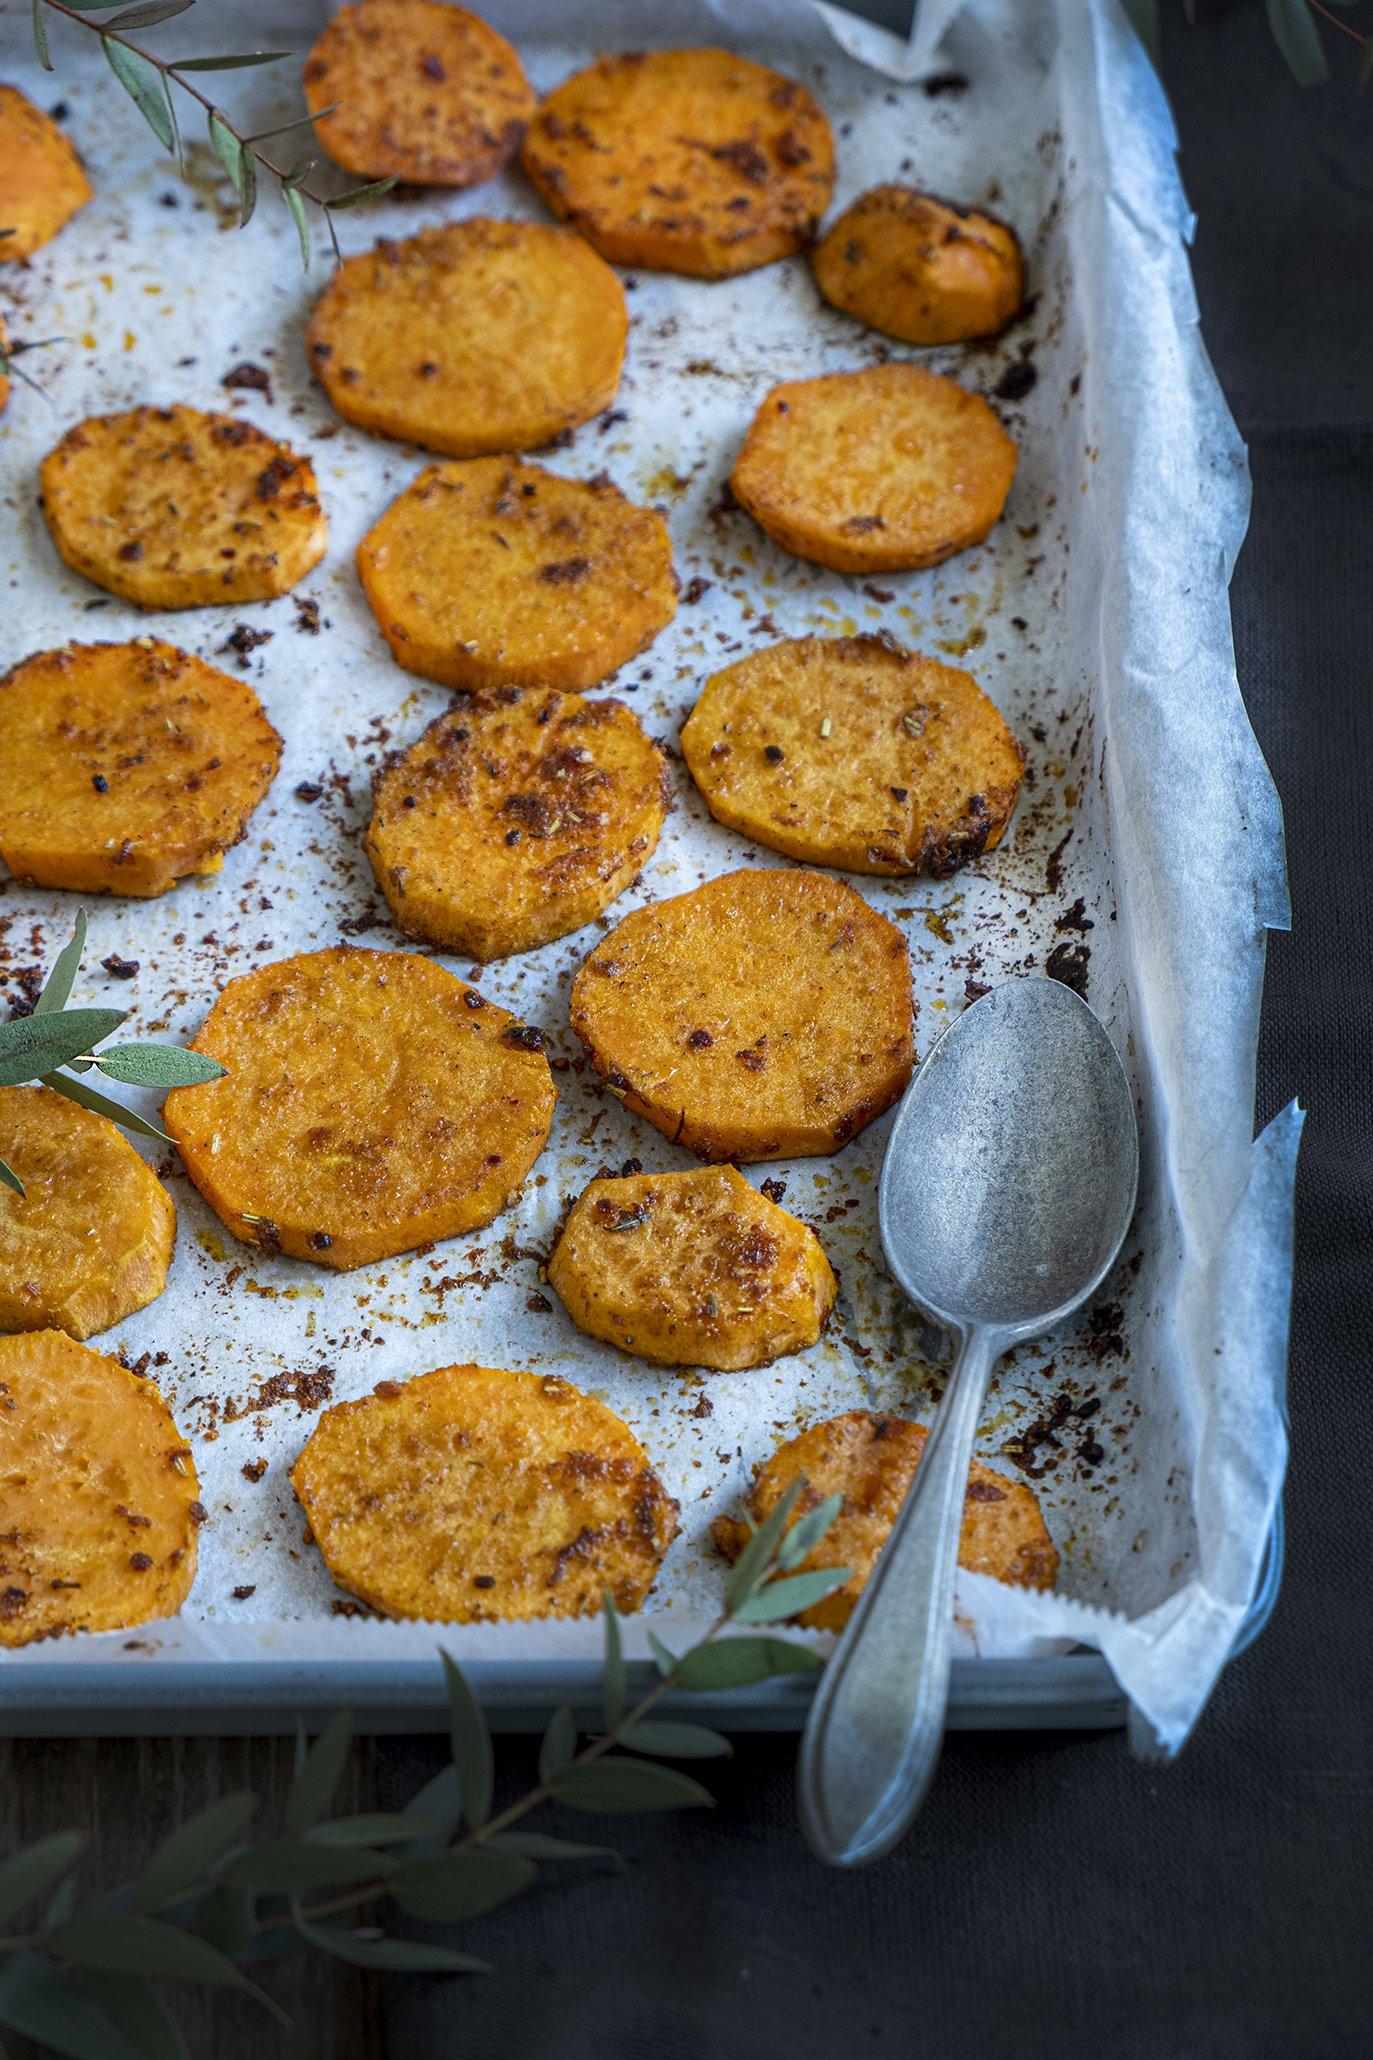 Zoete aardappelschijfjes in de oven met cajun